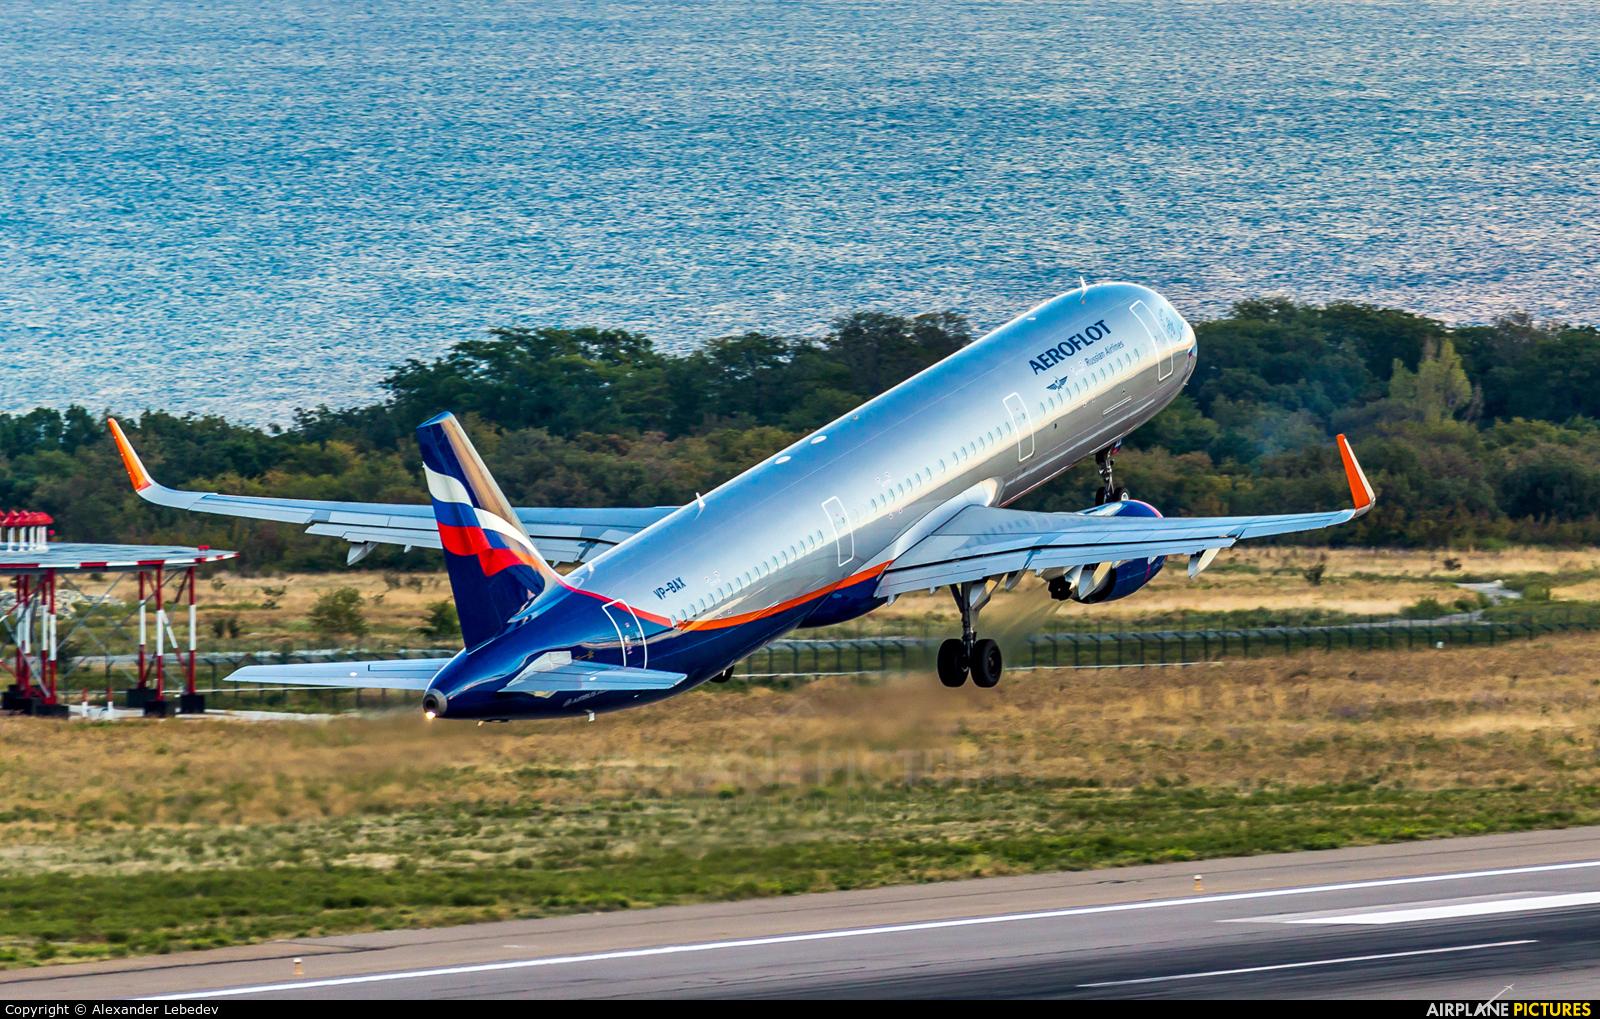 Aeroflot VP-BAX aircraft at Gelendzhik